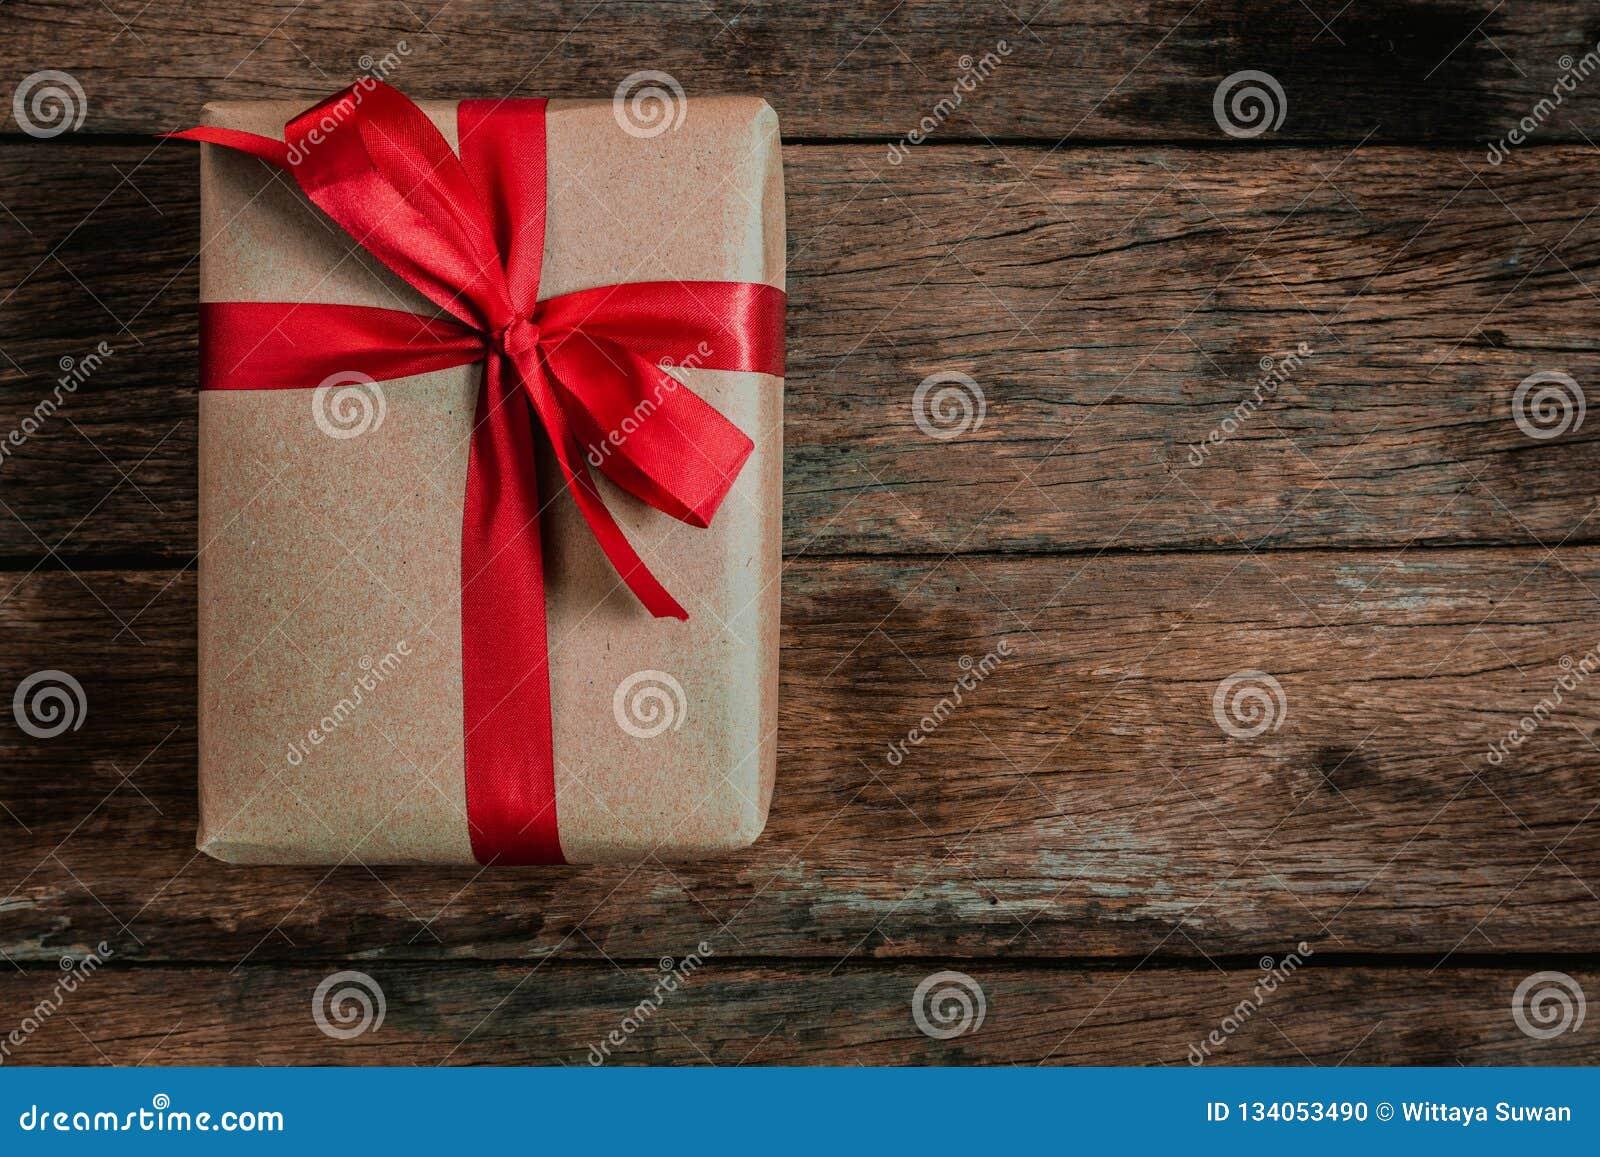 布朗礼物盒蝶形领结红色丝带